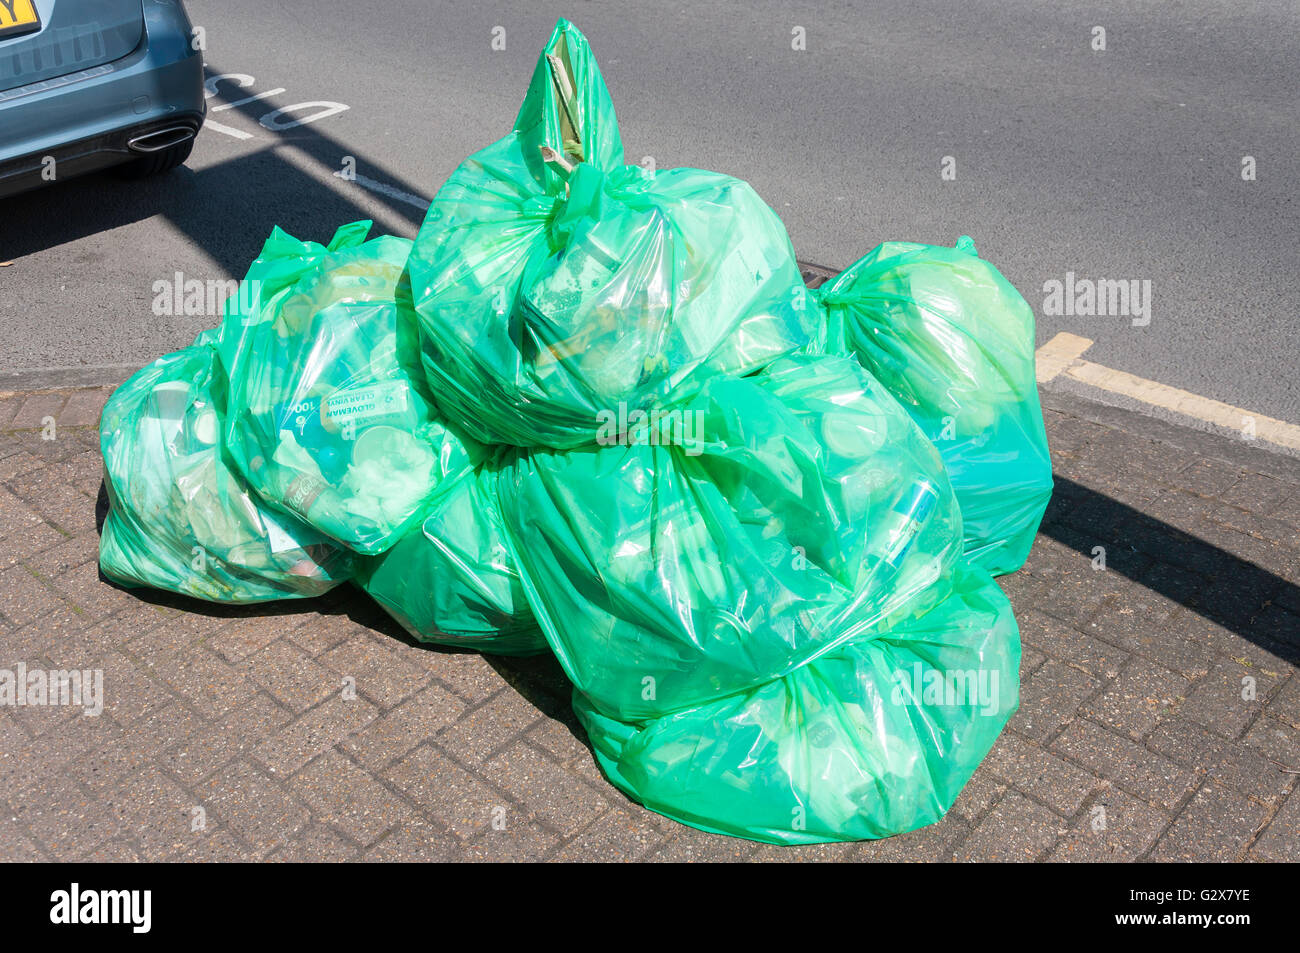 Kunststoff-recycling-Taschen auf Asphalt, Church Road, Ashford, Surrey, England, Vereinigtes Königreich Stockbild